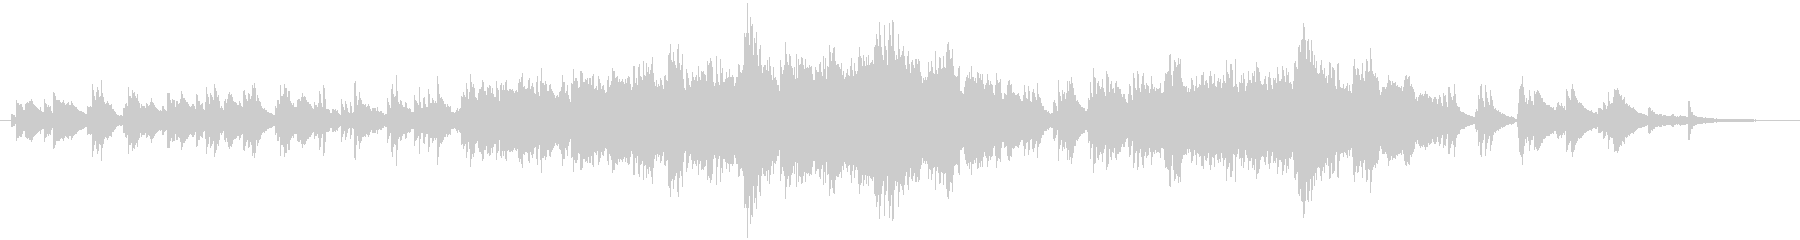 ピアノと弦のバラードです。の未再生の波形